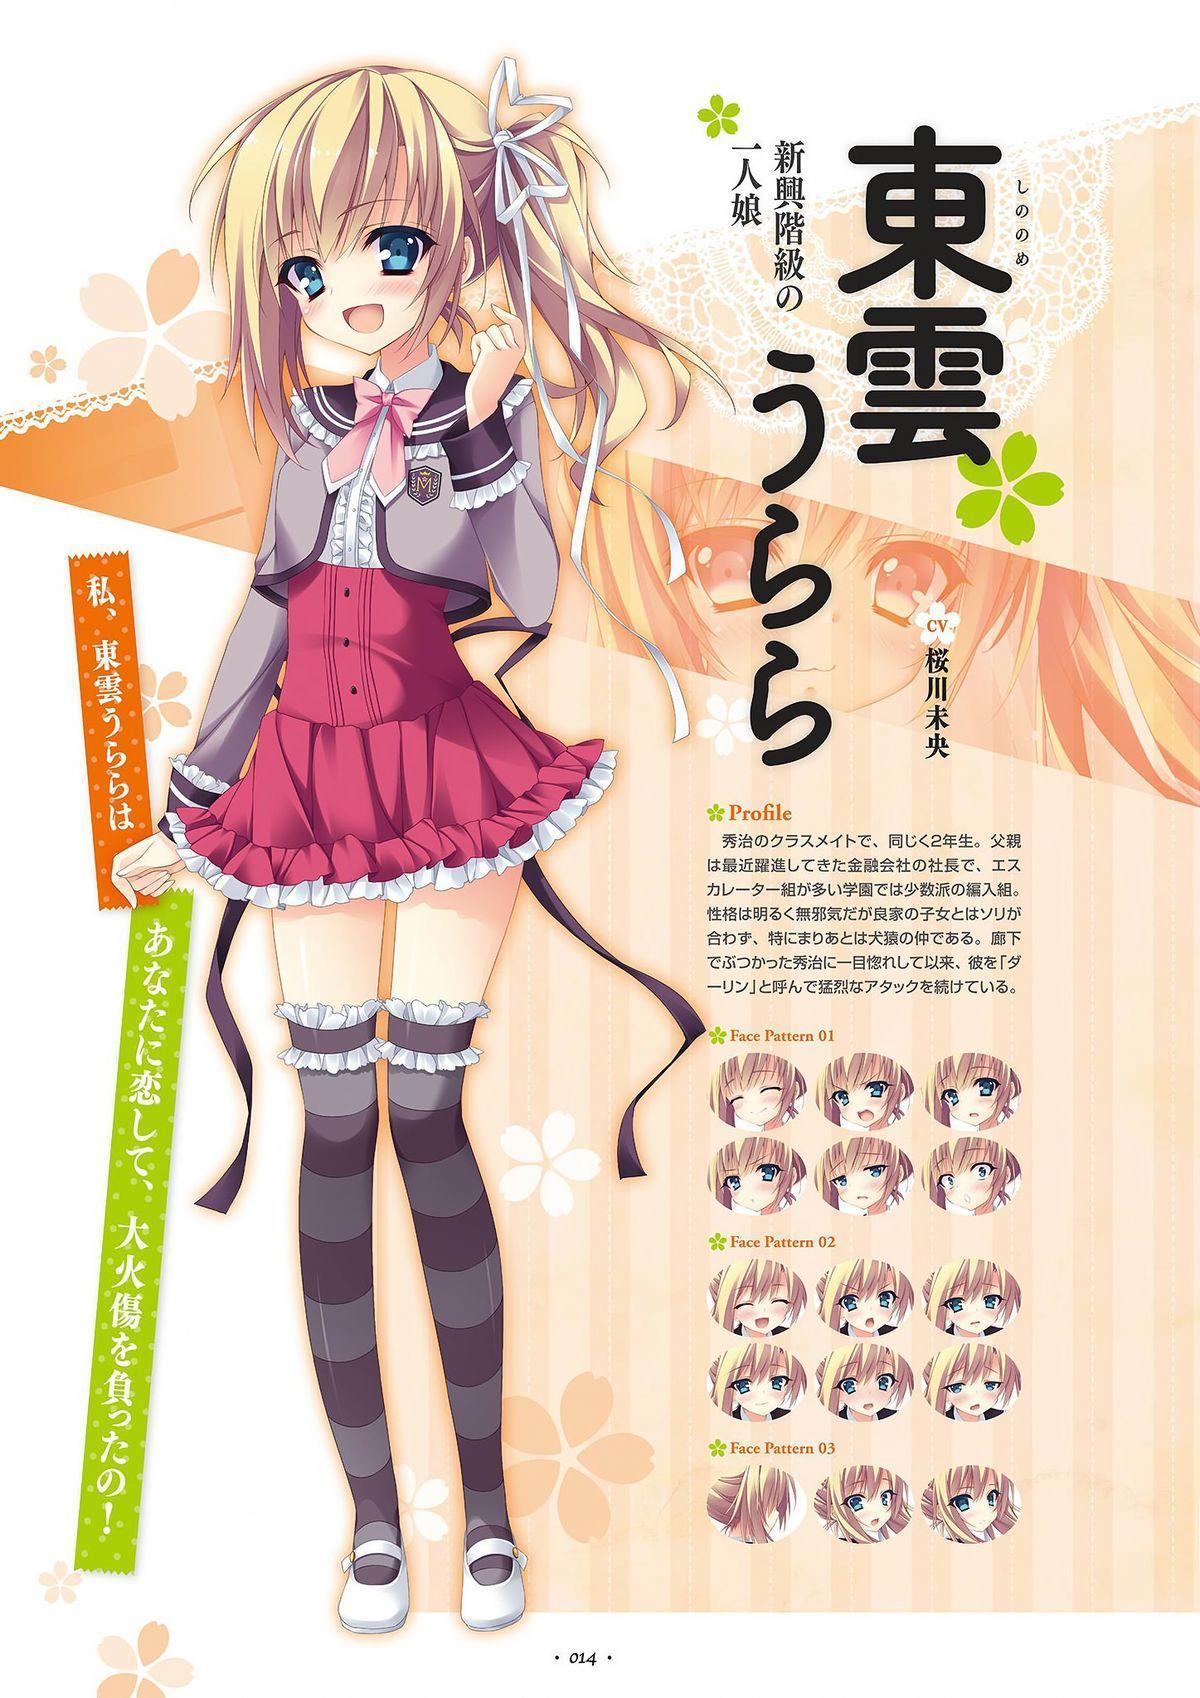 Shukufuku no Kane no Oto wa, Sakura-iro no Kaze to Tomo ni Visual Fanbook 15